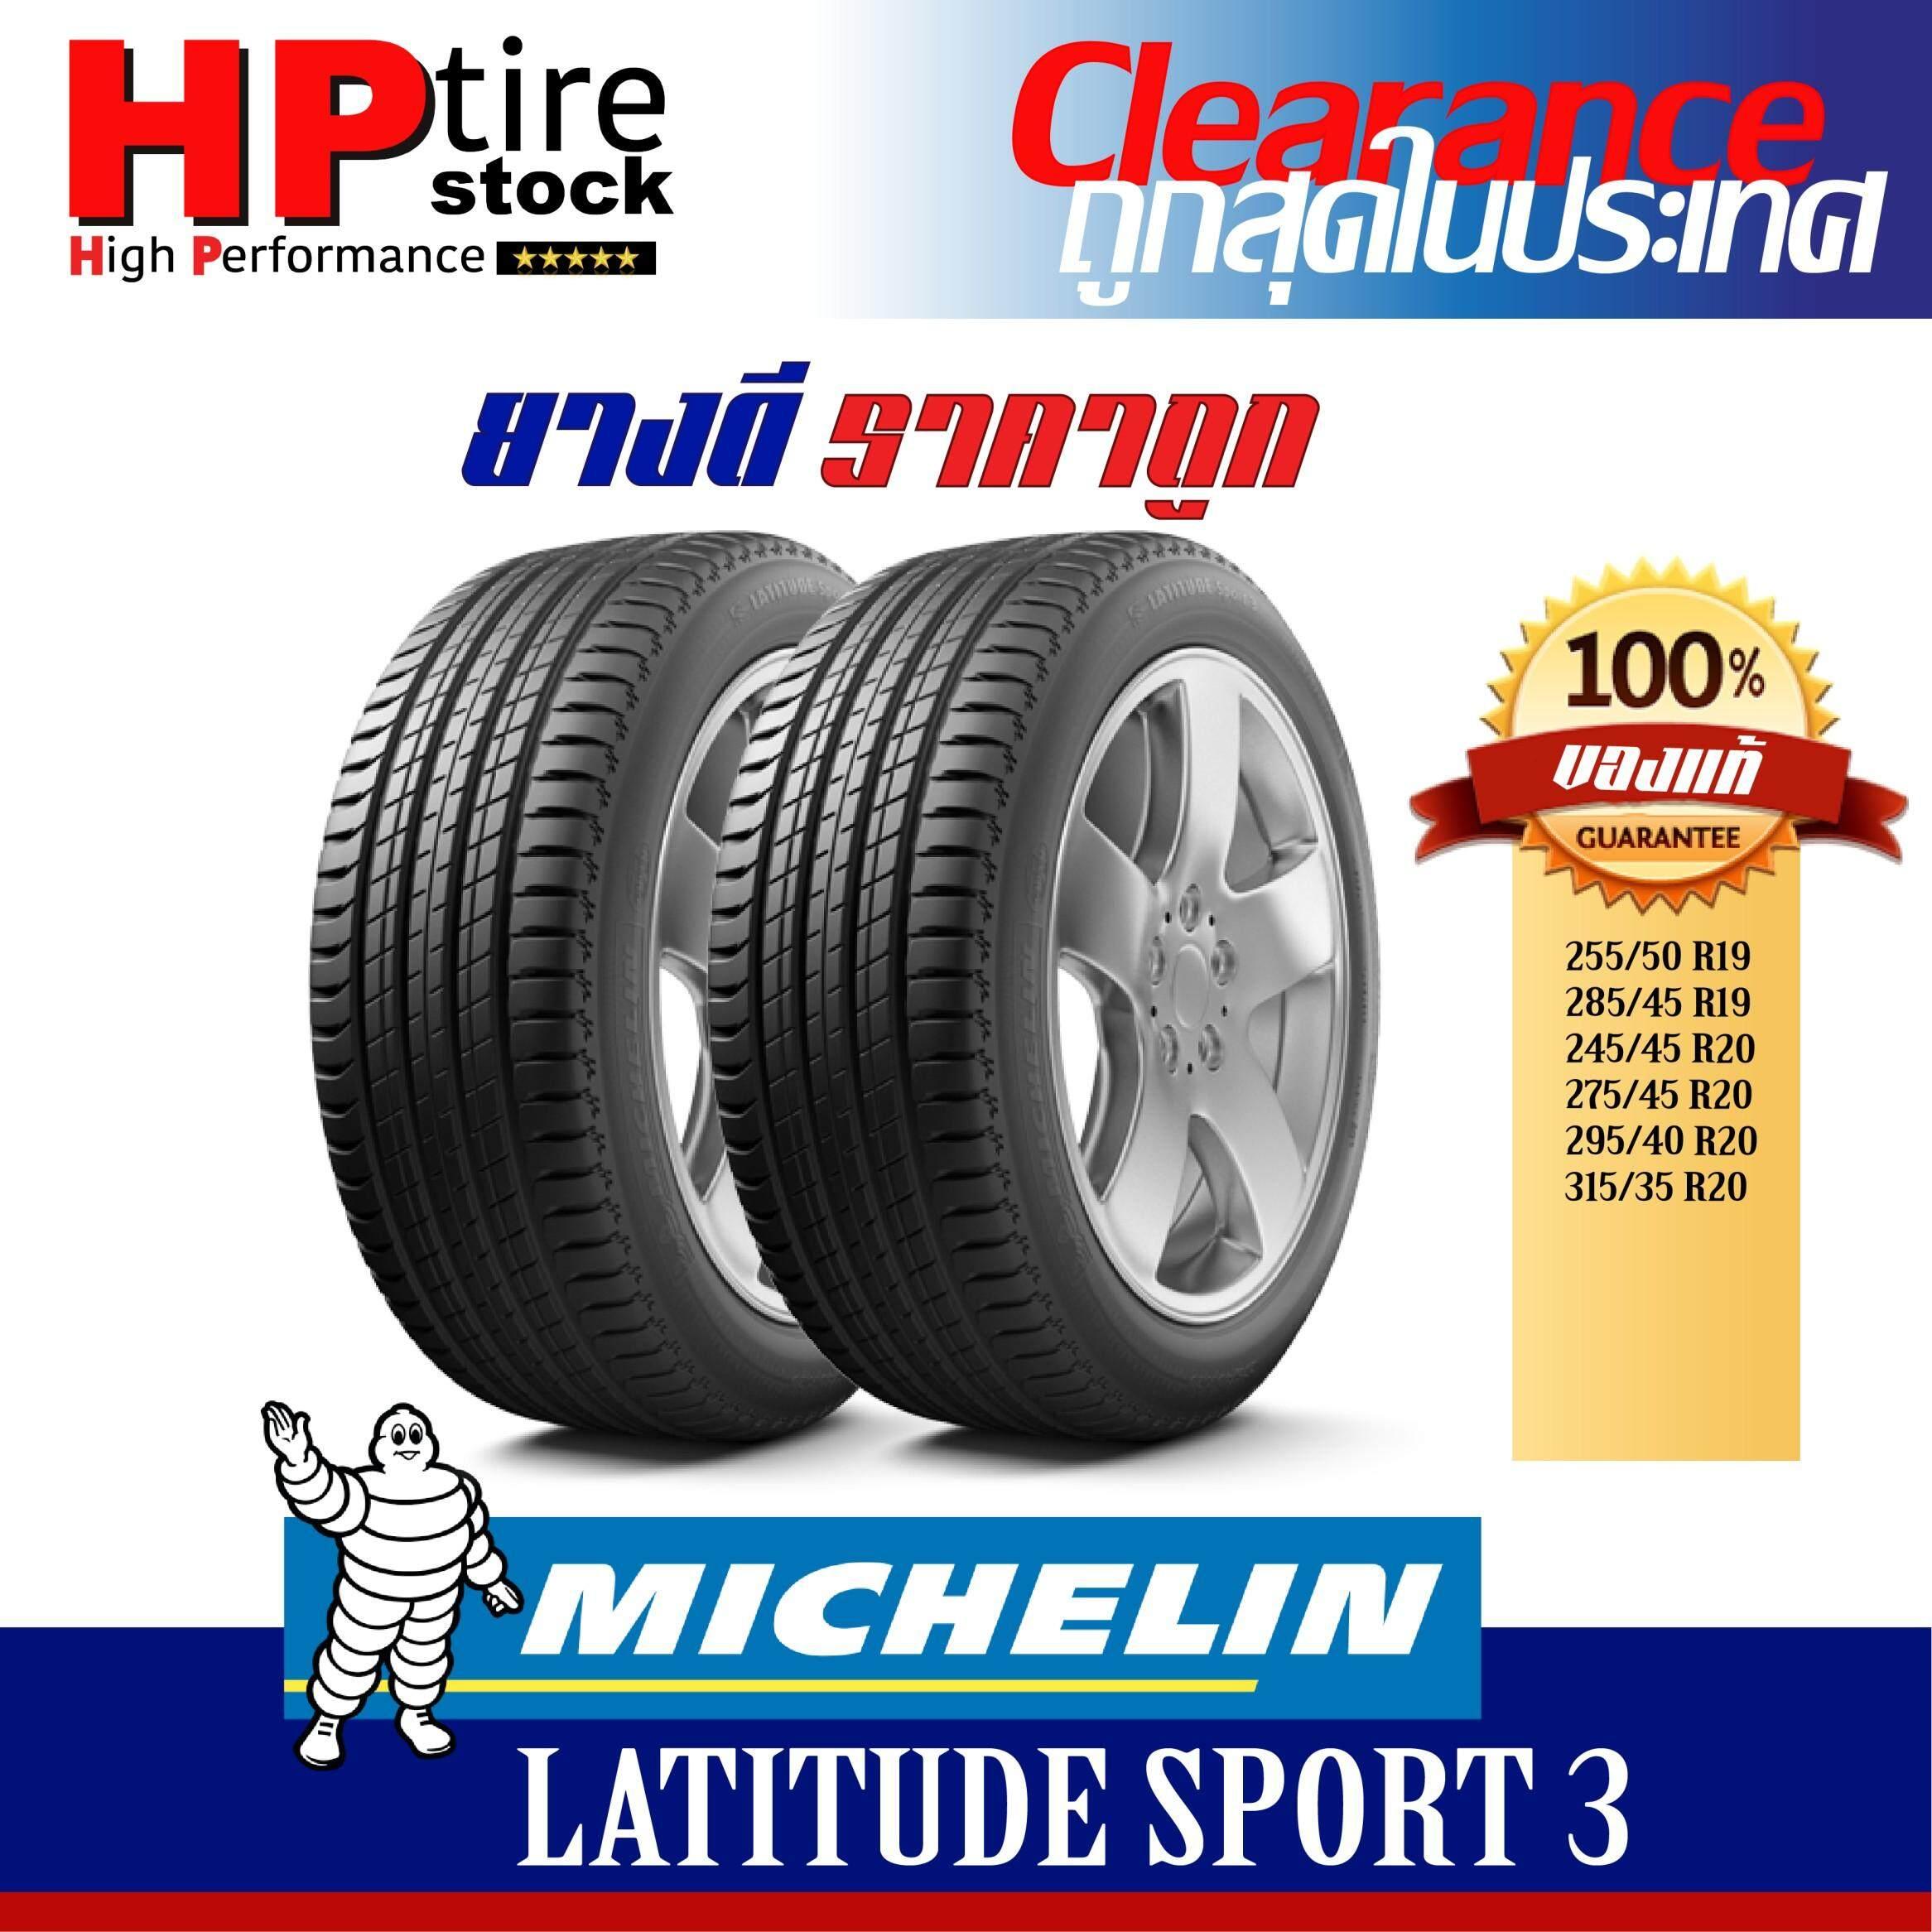 ประกันภัย รถยนต์ ชั้น 3 ราคา ถูก นครนายก Michelin Latitude Sport 3 มีหลายไซส์ 245/45R20  ยางรถยนต์ ยางมิชลิน นำเข้า ของแท้ ถูกกว่าราคาตลาด ยางถูก